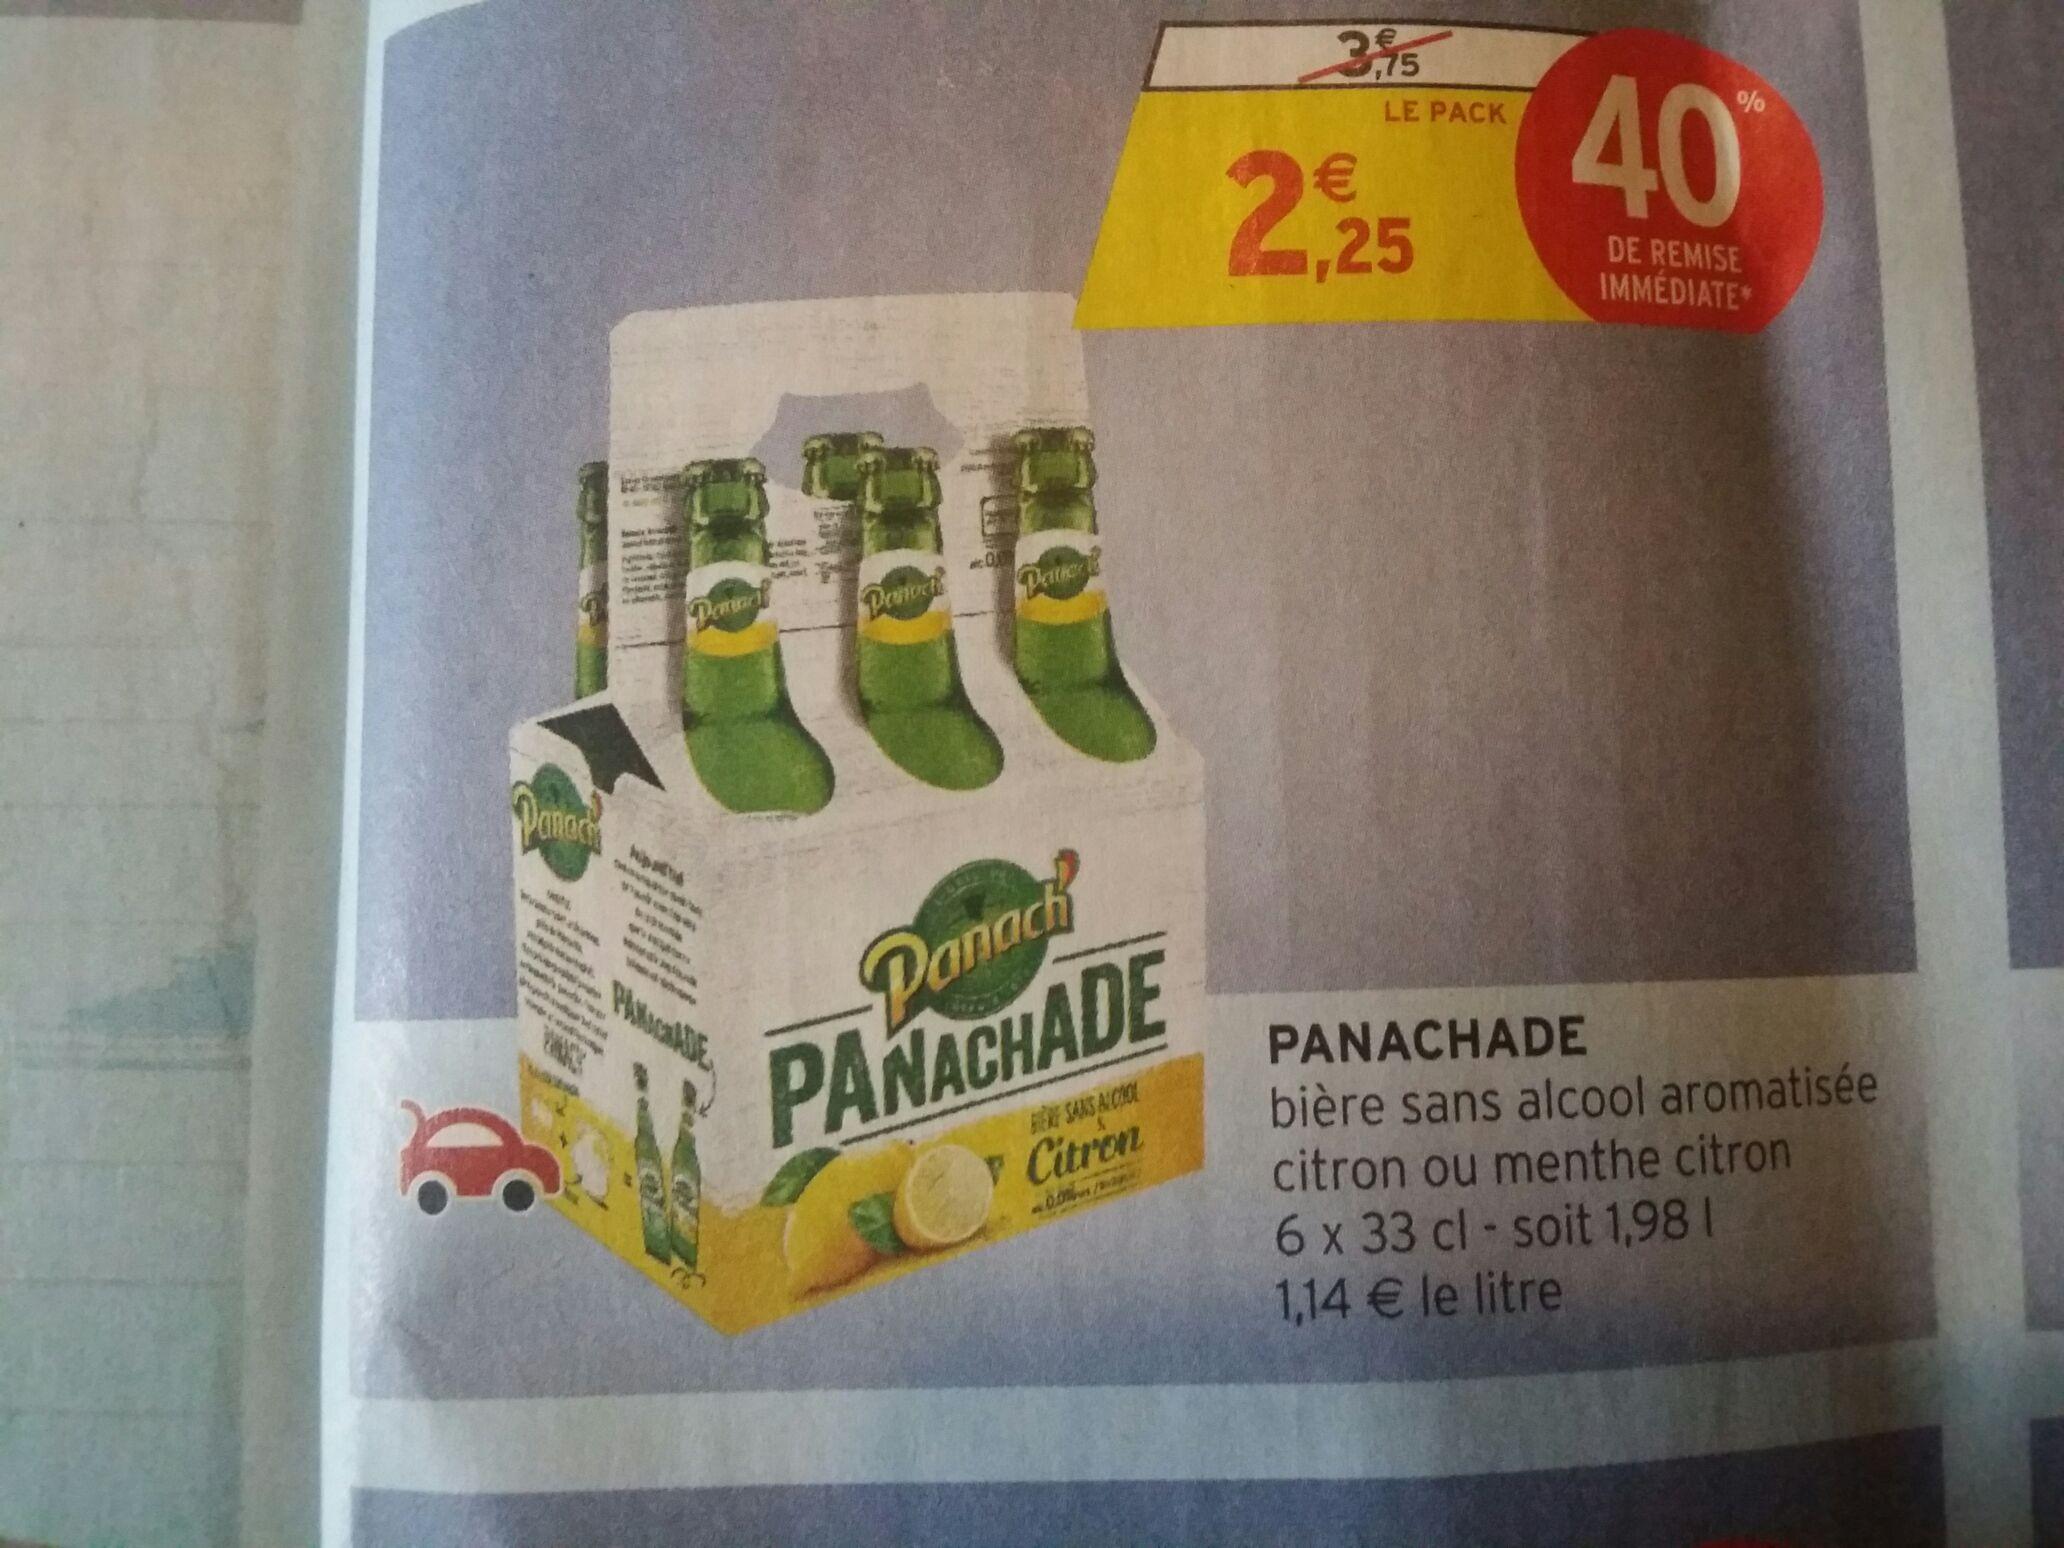 Pack de 6 bières sans alcool Panachade de Panach' - 6x33cl